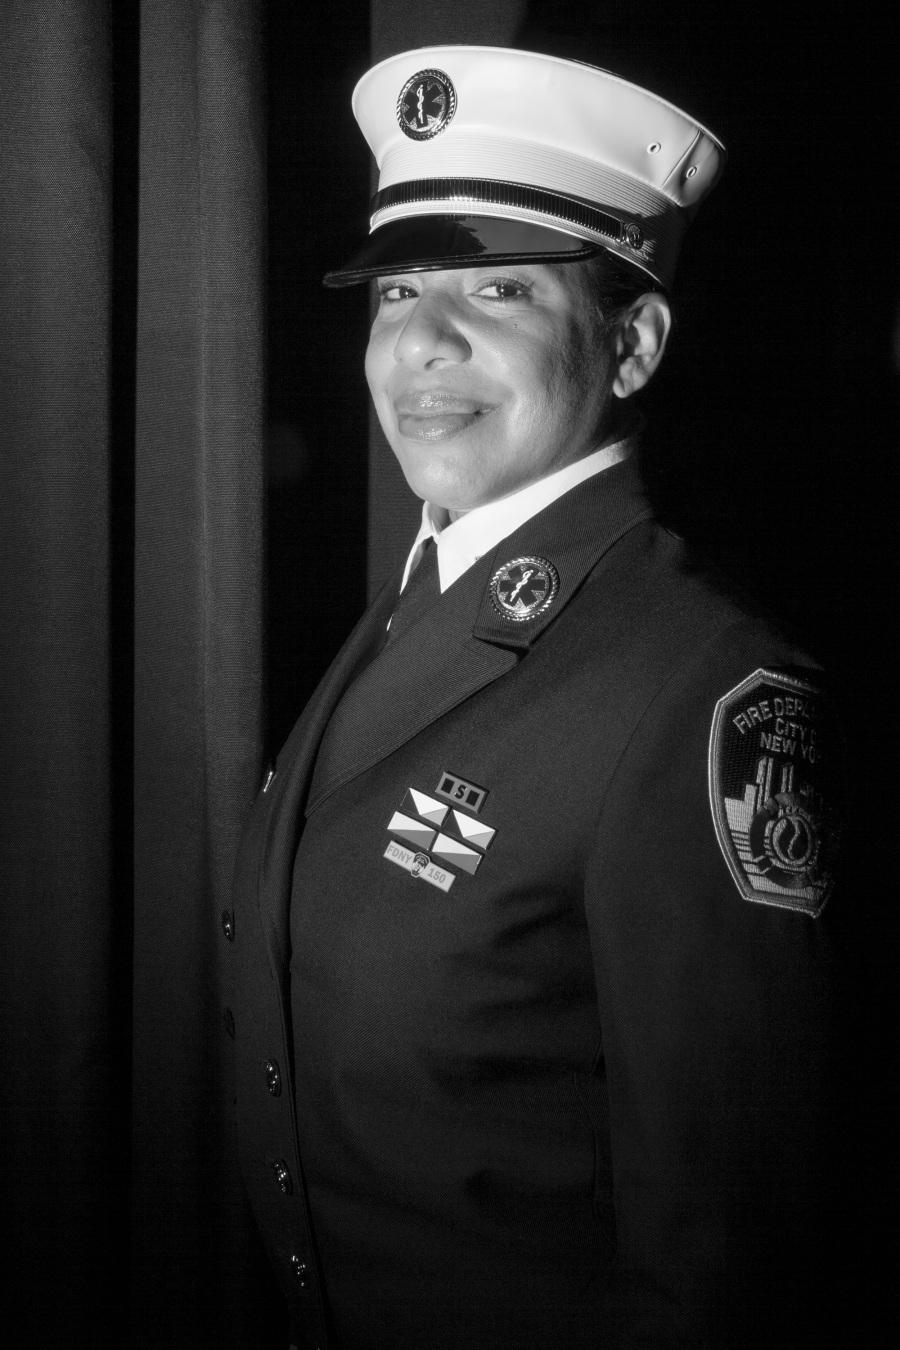 Lt-Juliette-Arroyo-Brooklyn-NYC-FDNY-2-Photo-Jen-Davis